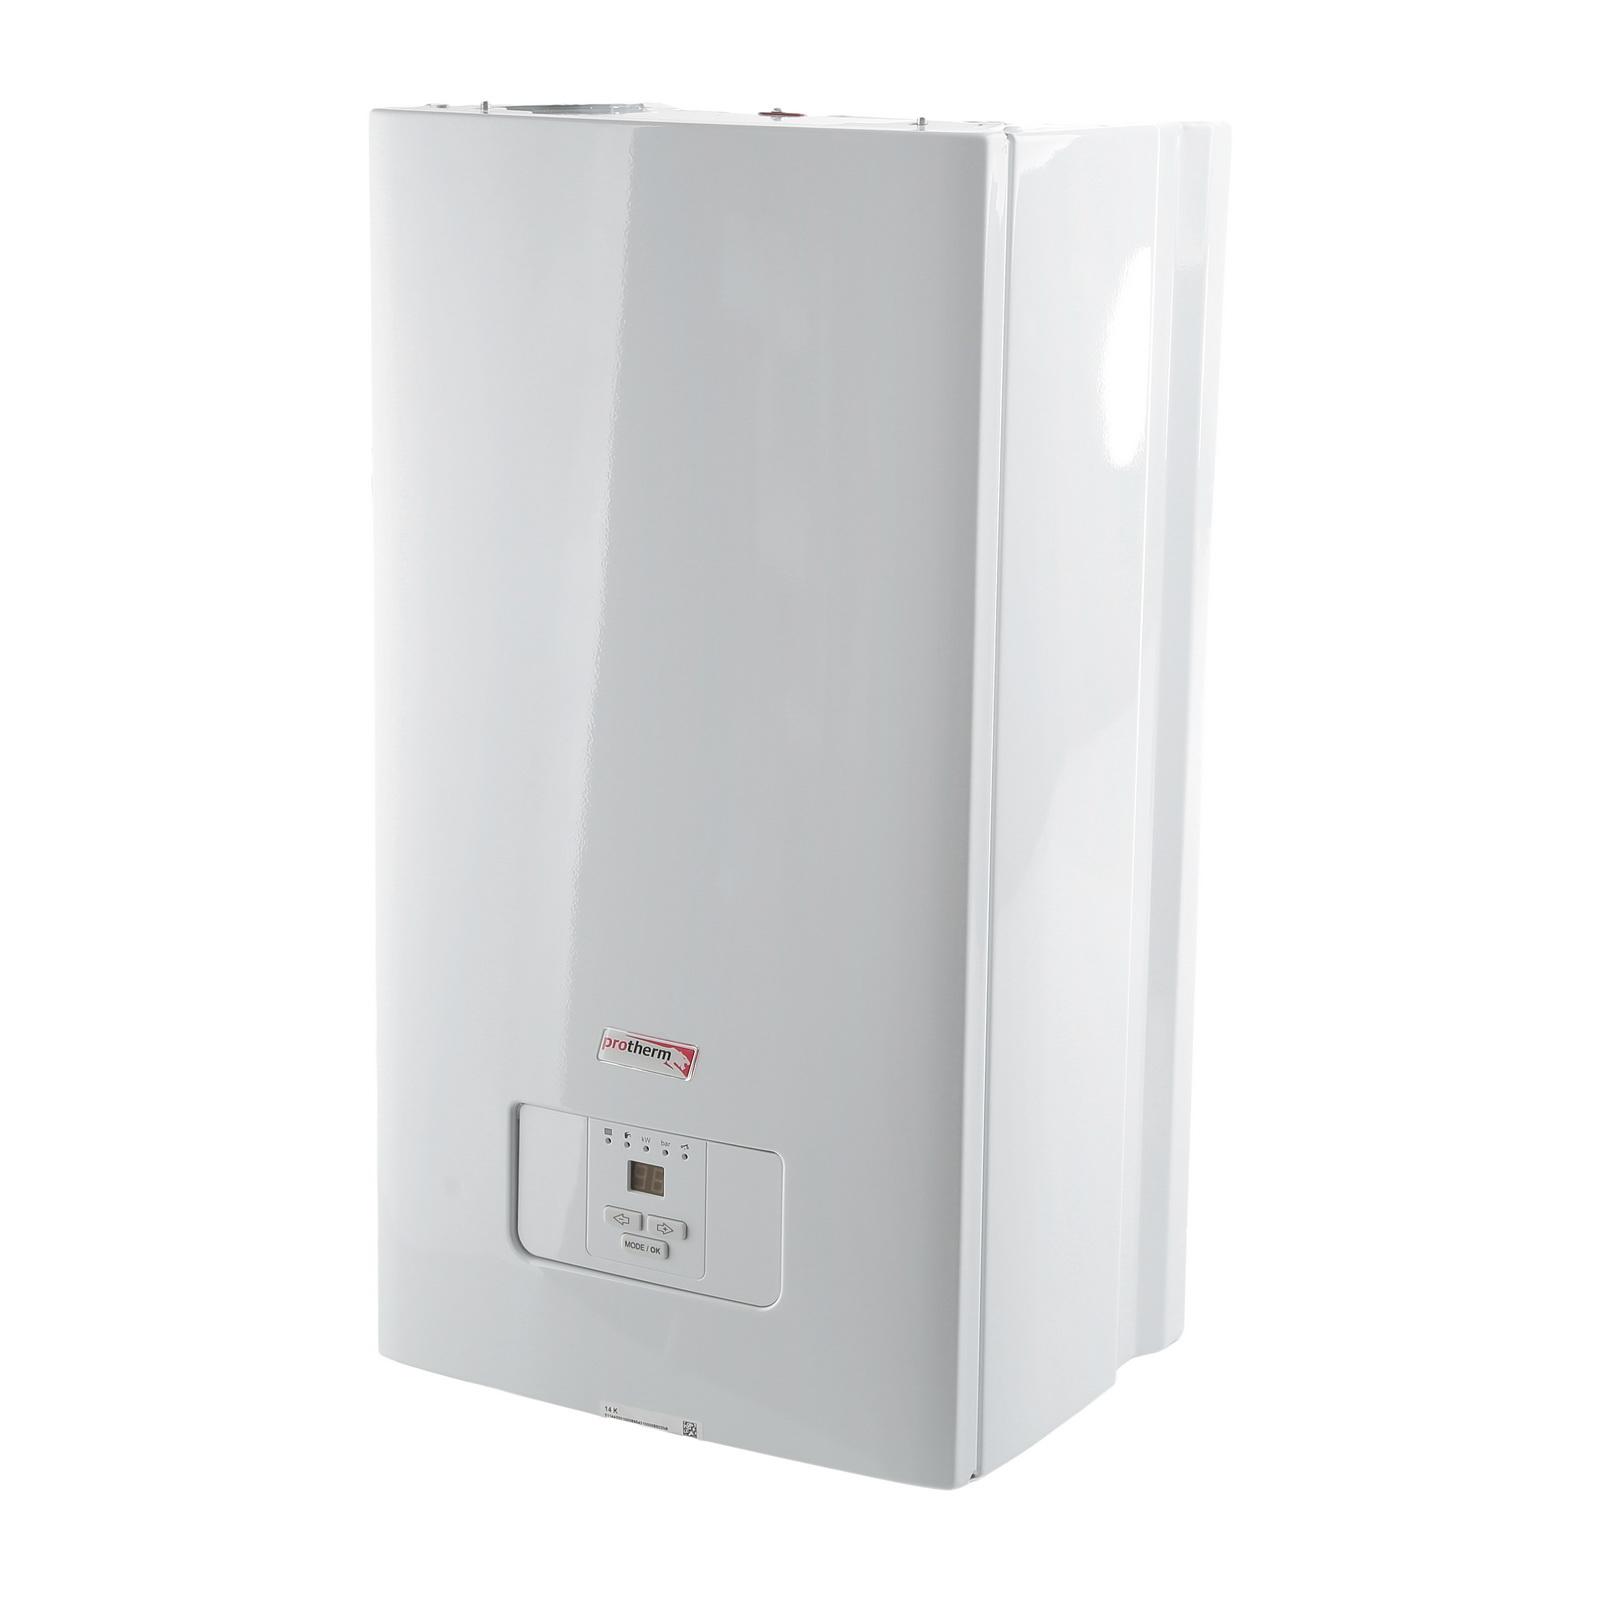 Электрический котел ProthermКотлы электрические<br>Мощность (кВт): 14,<br>Мощность: 14000,<br>Тип: электрический,<br>Высота: 740,<br>Длина (мм): 410,<br>Ширина: 310,<br>Тип установки: настенный,<br>Напряжение: 220,<br>Количество контуров: 1,<br>Вес нетто: 20<br>